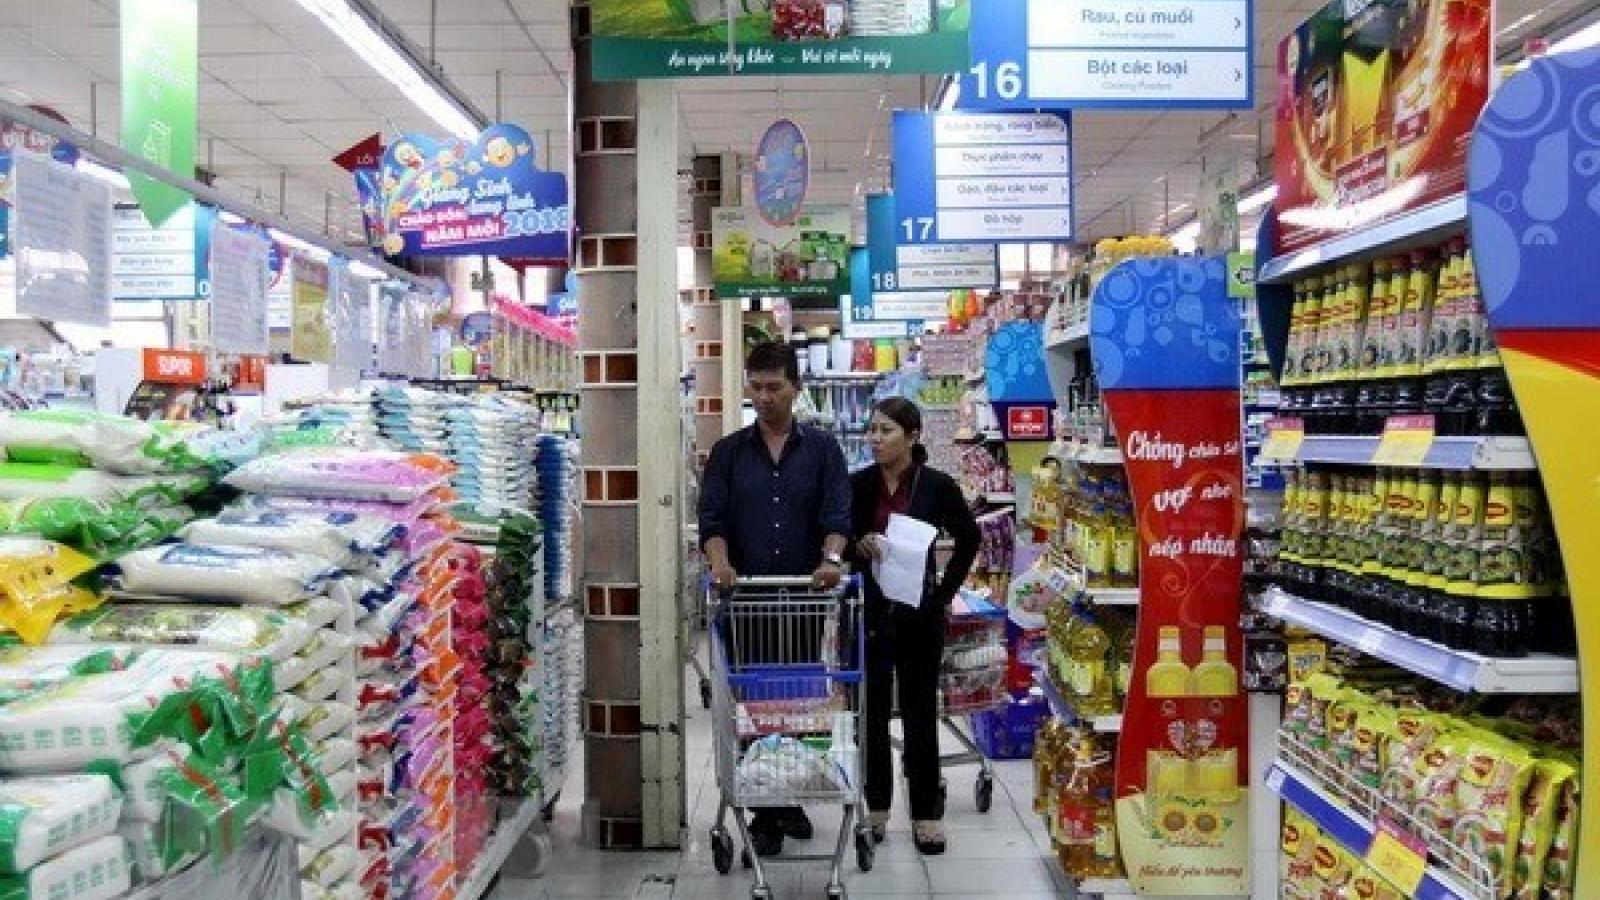 Retail sales, consumer service revenue rise 12 percent in Q1